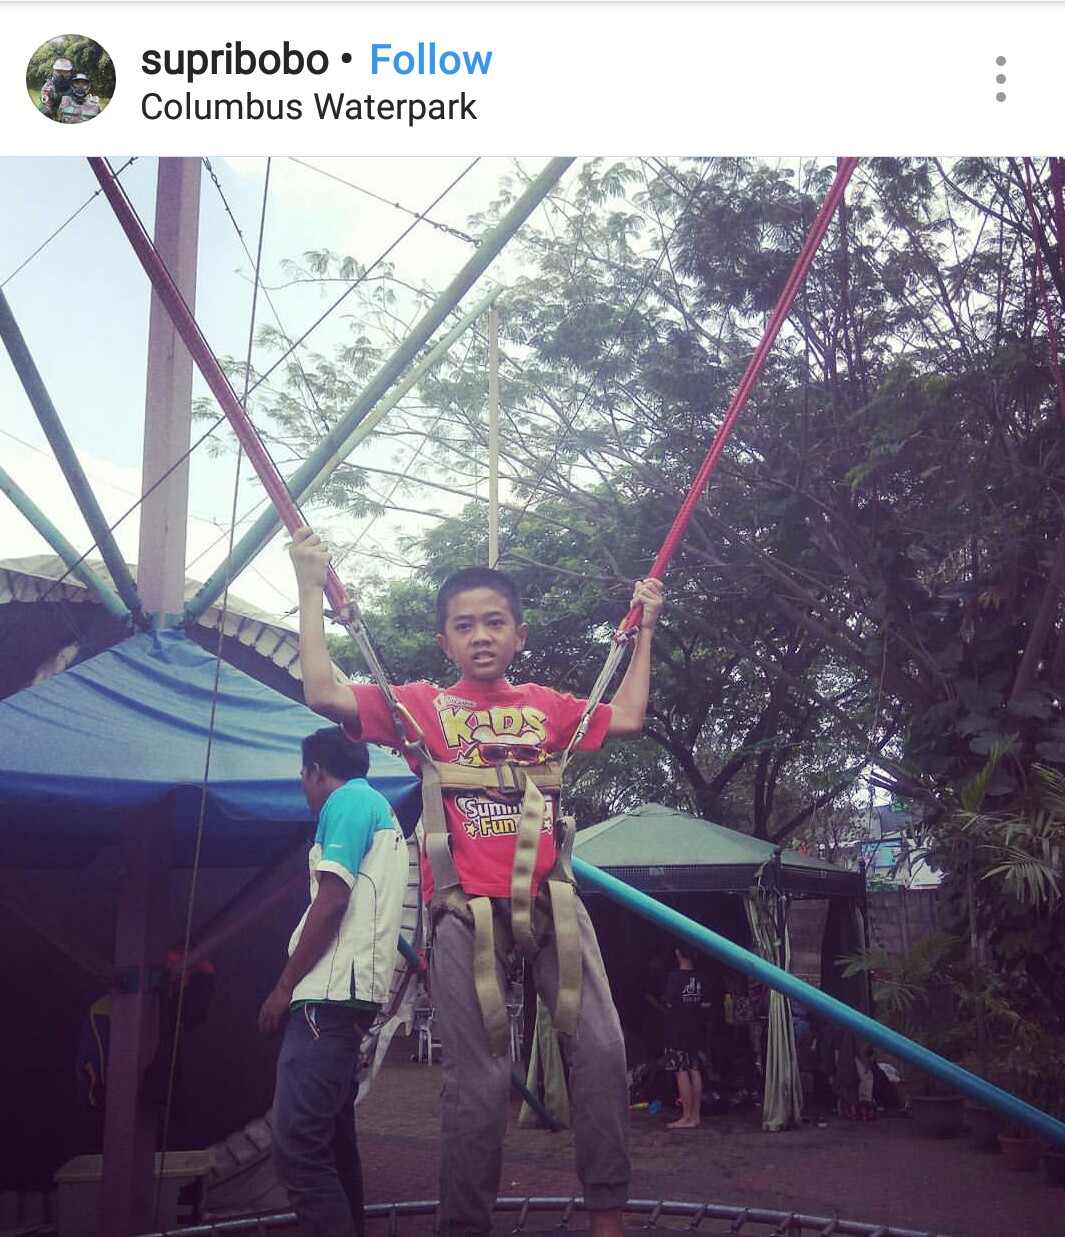 Columbus Waterpark Kids Holiday Spots Liburan Anak Informasi Tiket Masuk Untuk 1 Orang Liburananak Columbuswaterpark